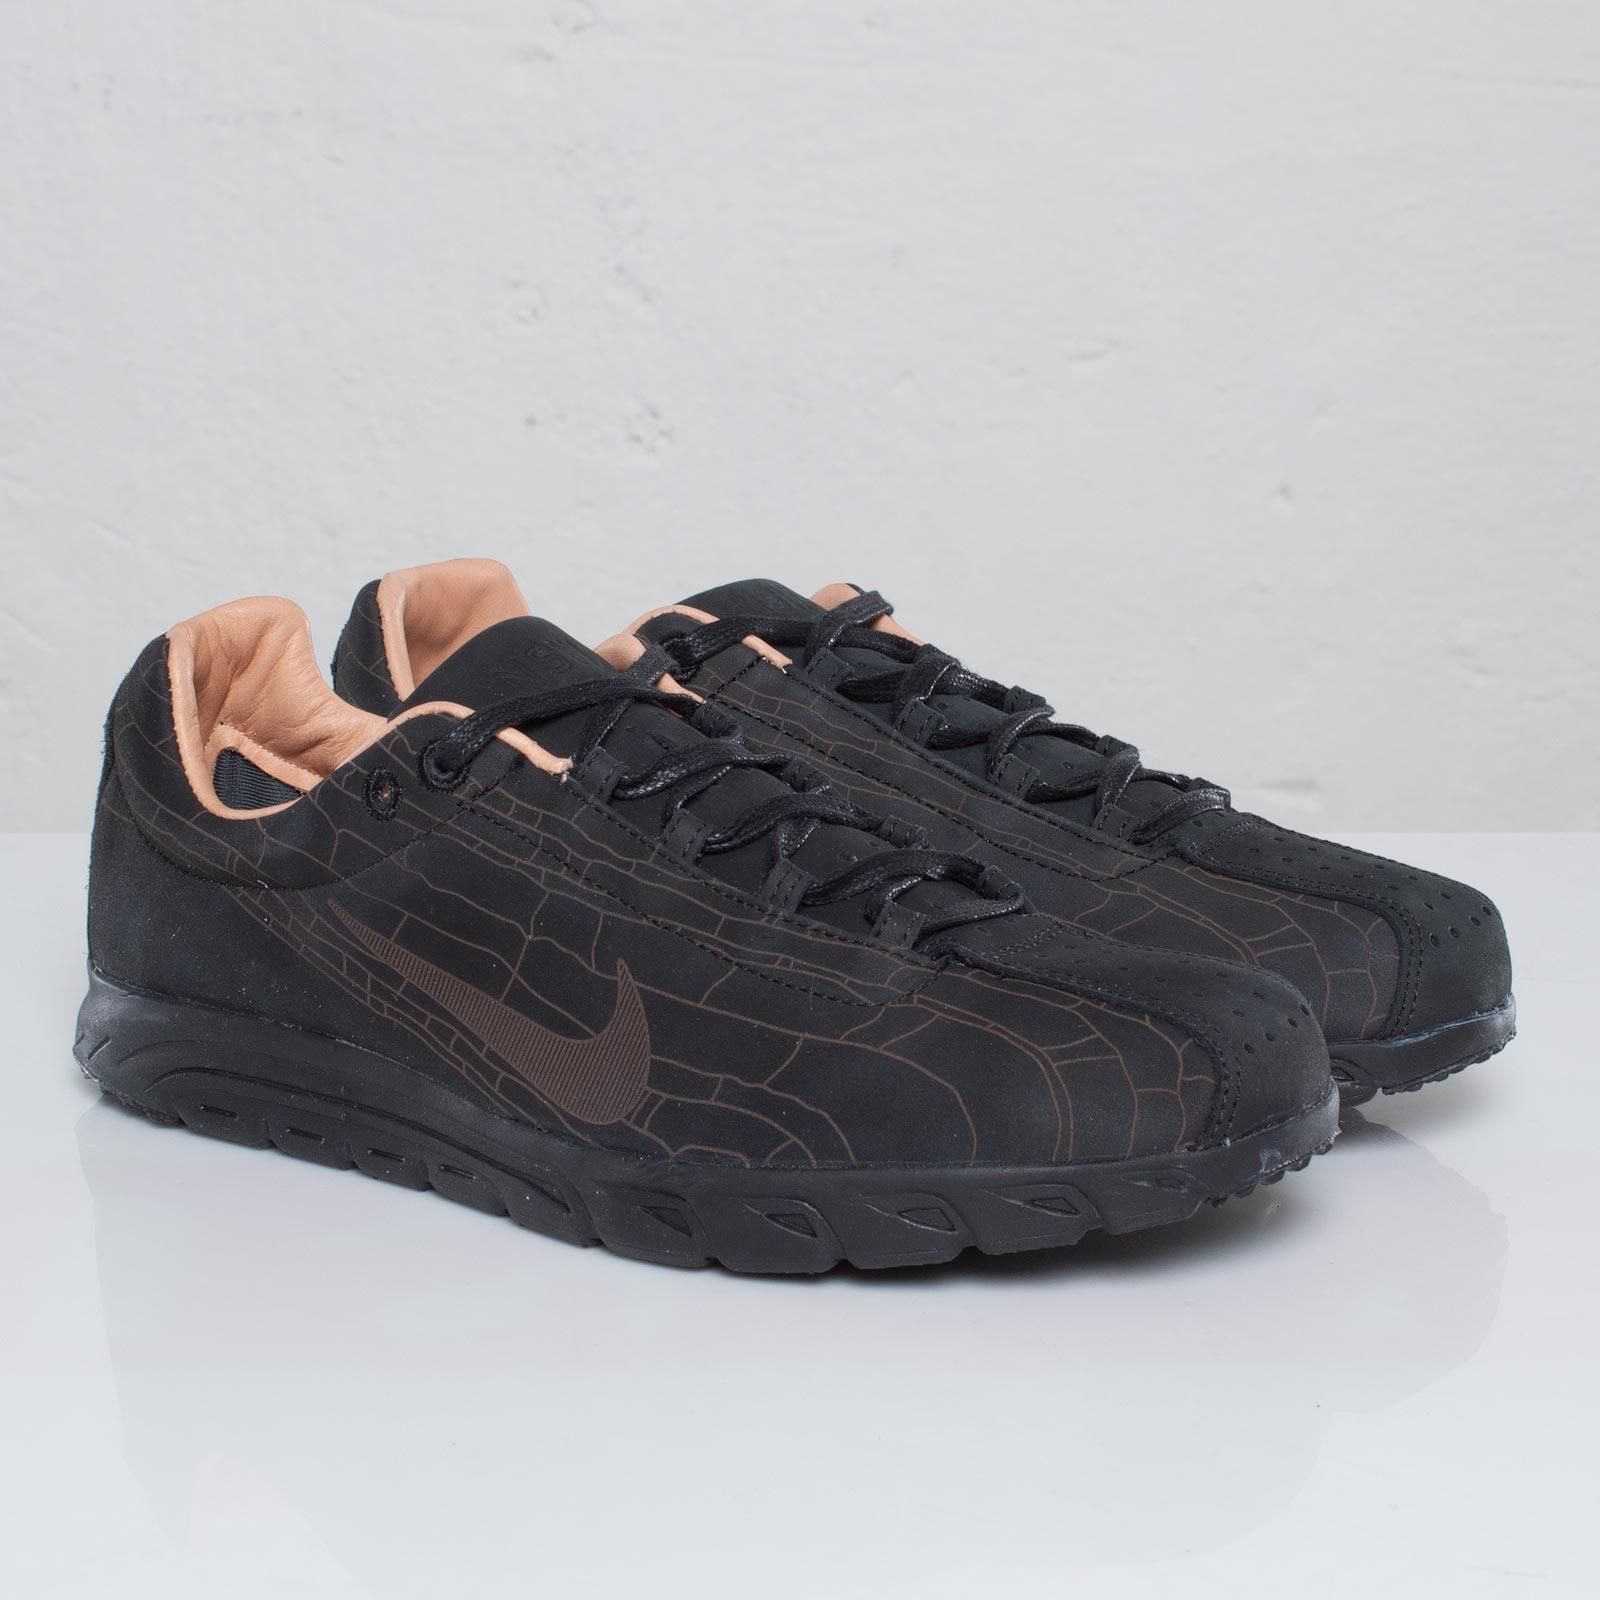 Release Reminder: Nike Mayfly Premium 'Black'